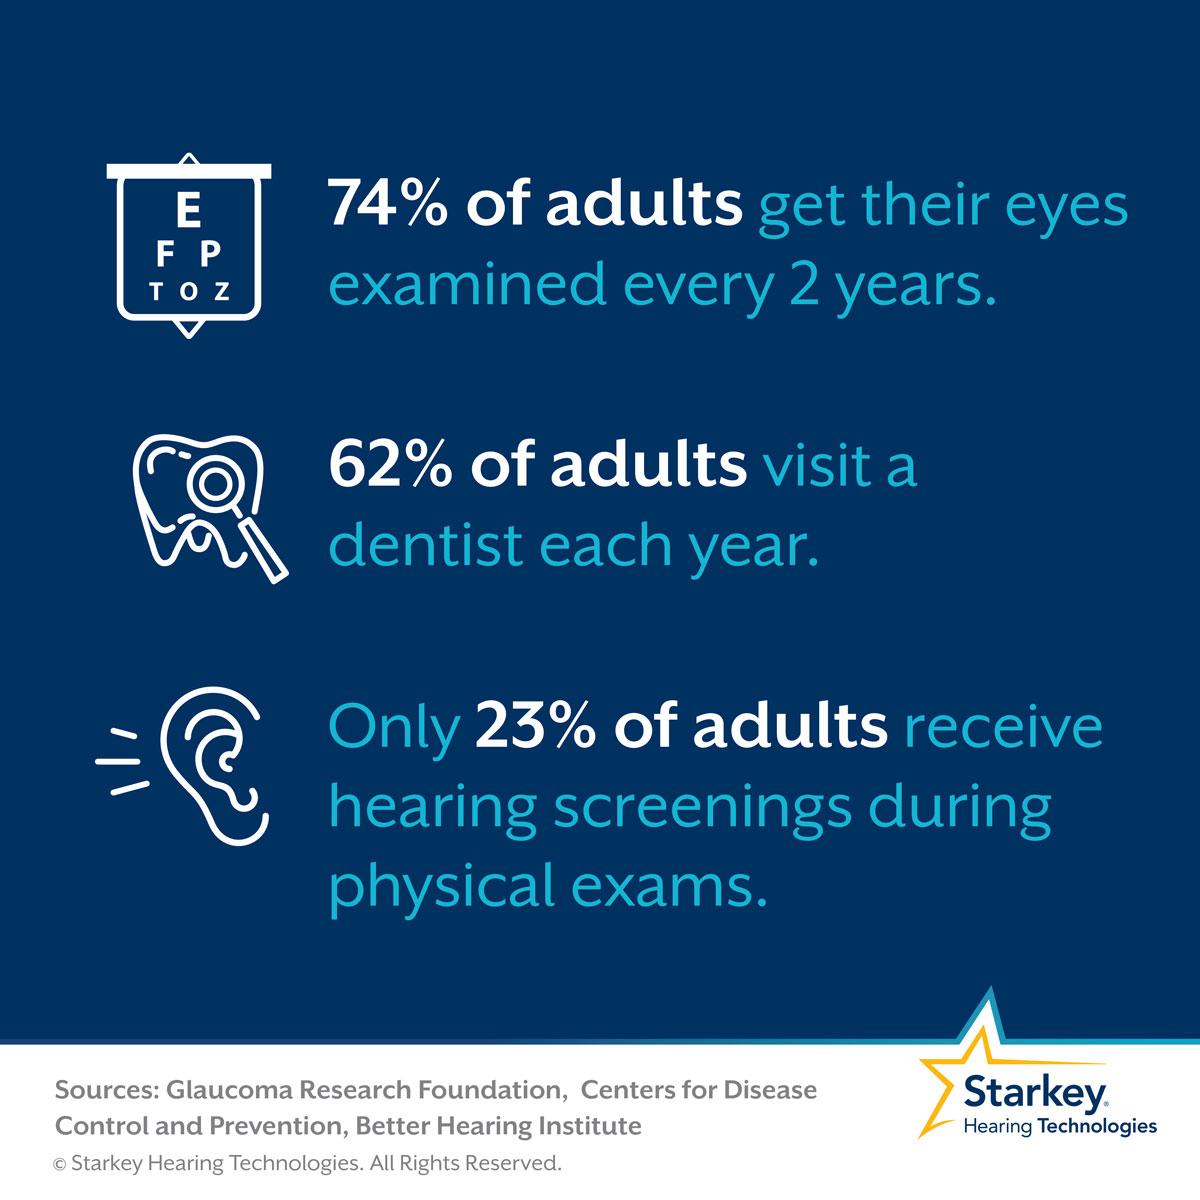 耳の定期健診は受けていますか?